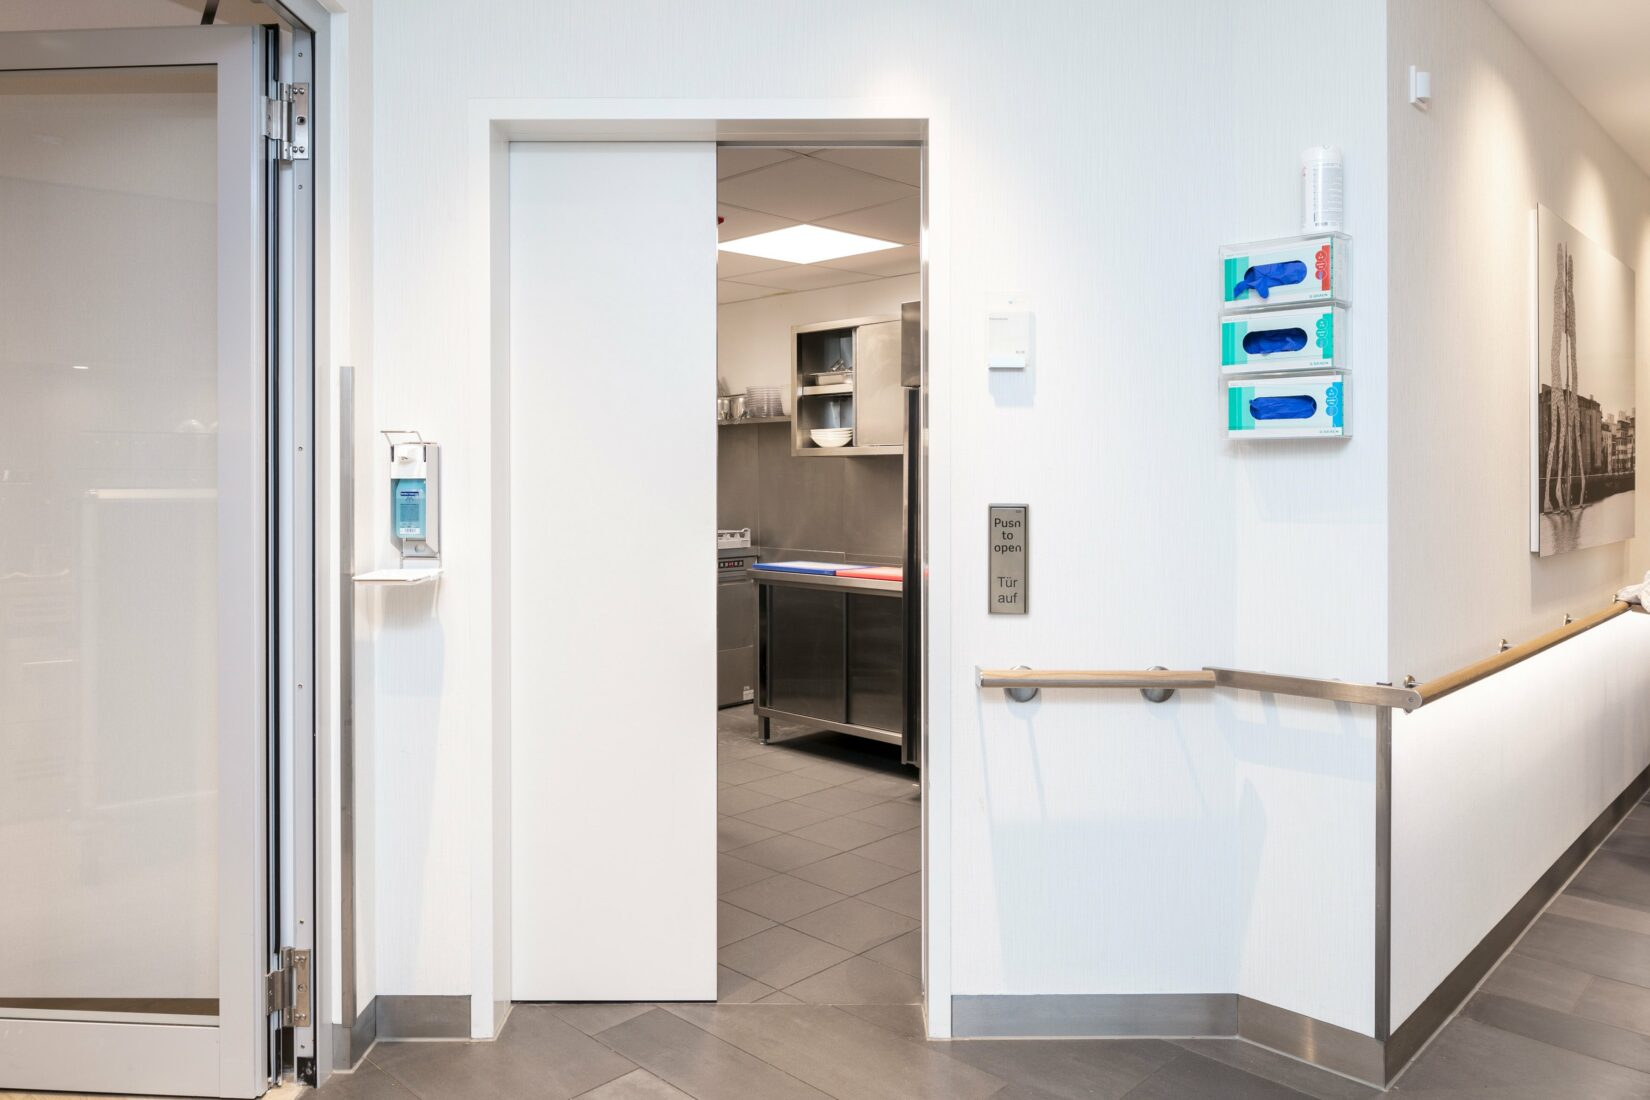 Reinraumtür mit widerstandsfähiger HPL-Oberfläche und stoßfester PU-Kante. Foto: Schörghuber